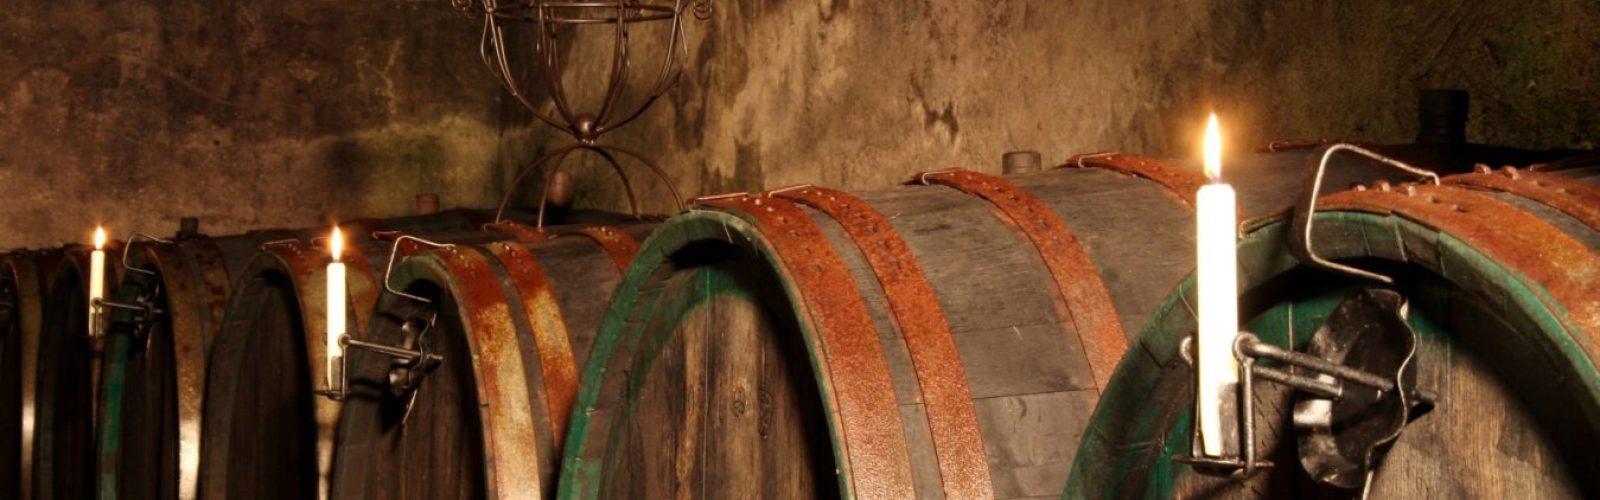 der alte Holzfasskeller unter der Weingalerie